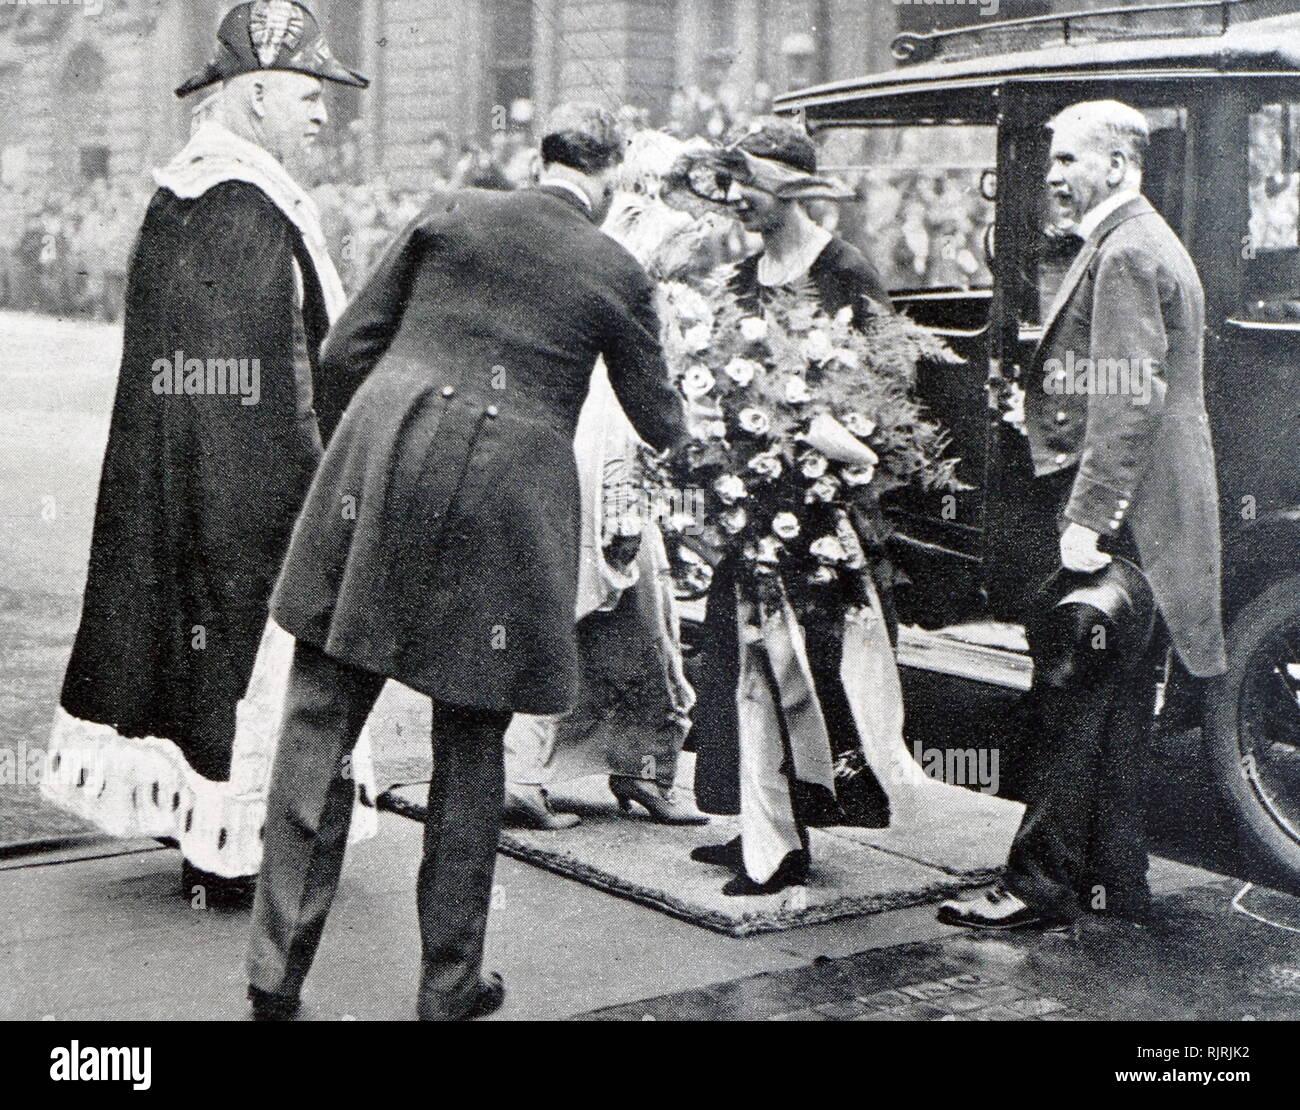 María, Princesa Real y condesa de Harewood (Victoria Alexandra Alicia María; 25 de abril de 1897 - 28 de marzo de 1965) fue un miembro de la familia real británica. Fue el tercer hijo y única hija del rey Jorge V y la Reina María y nació durante el reinado de la Reina Victoria, su bisabuela. María era la tía paterna del actual monarca británica, la Reina Isabel II. Imagen De Stock